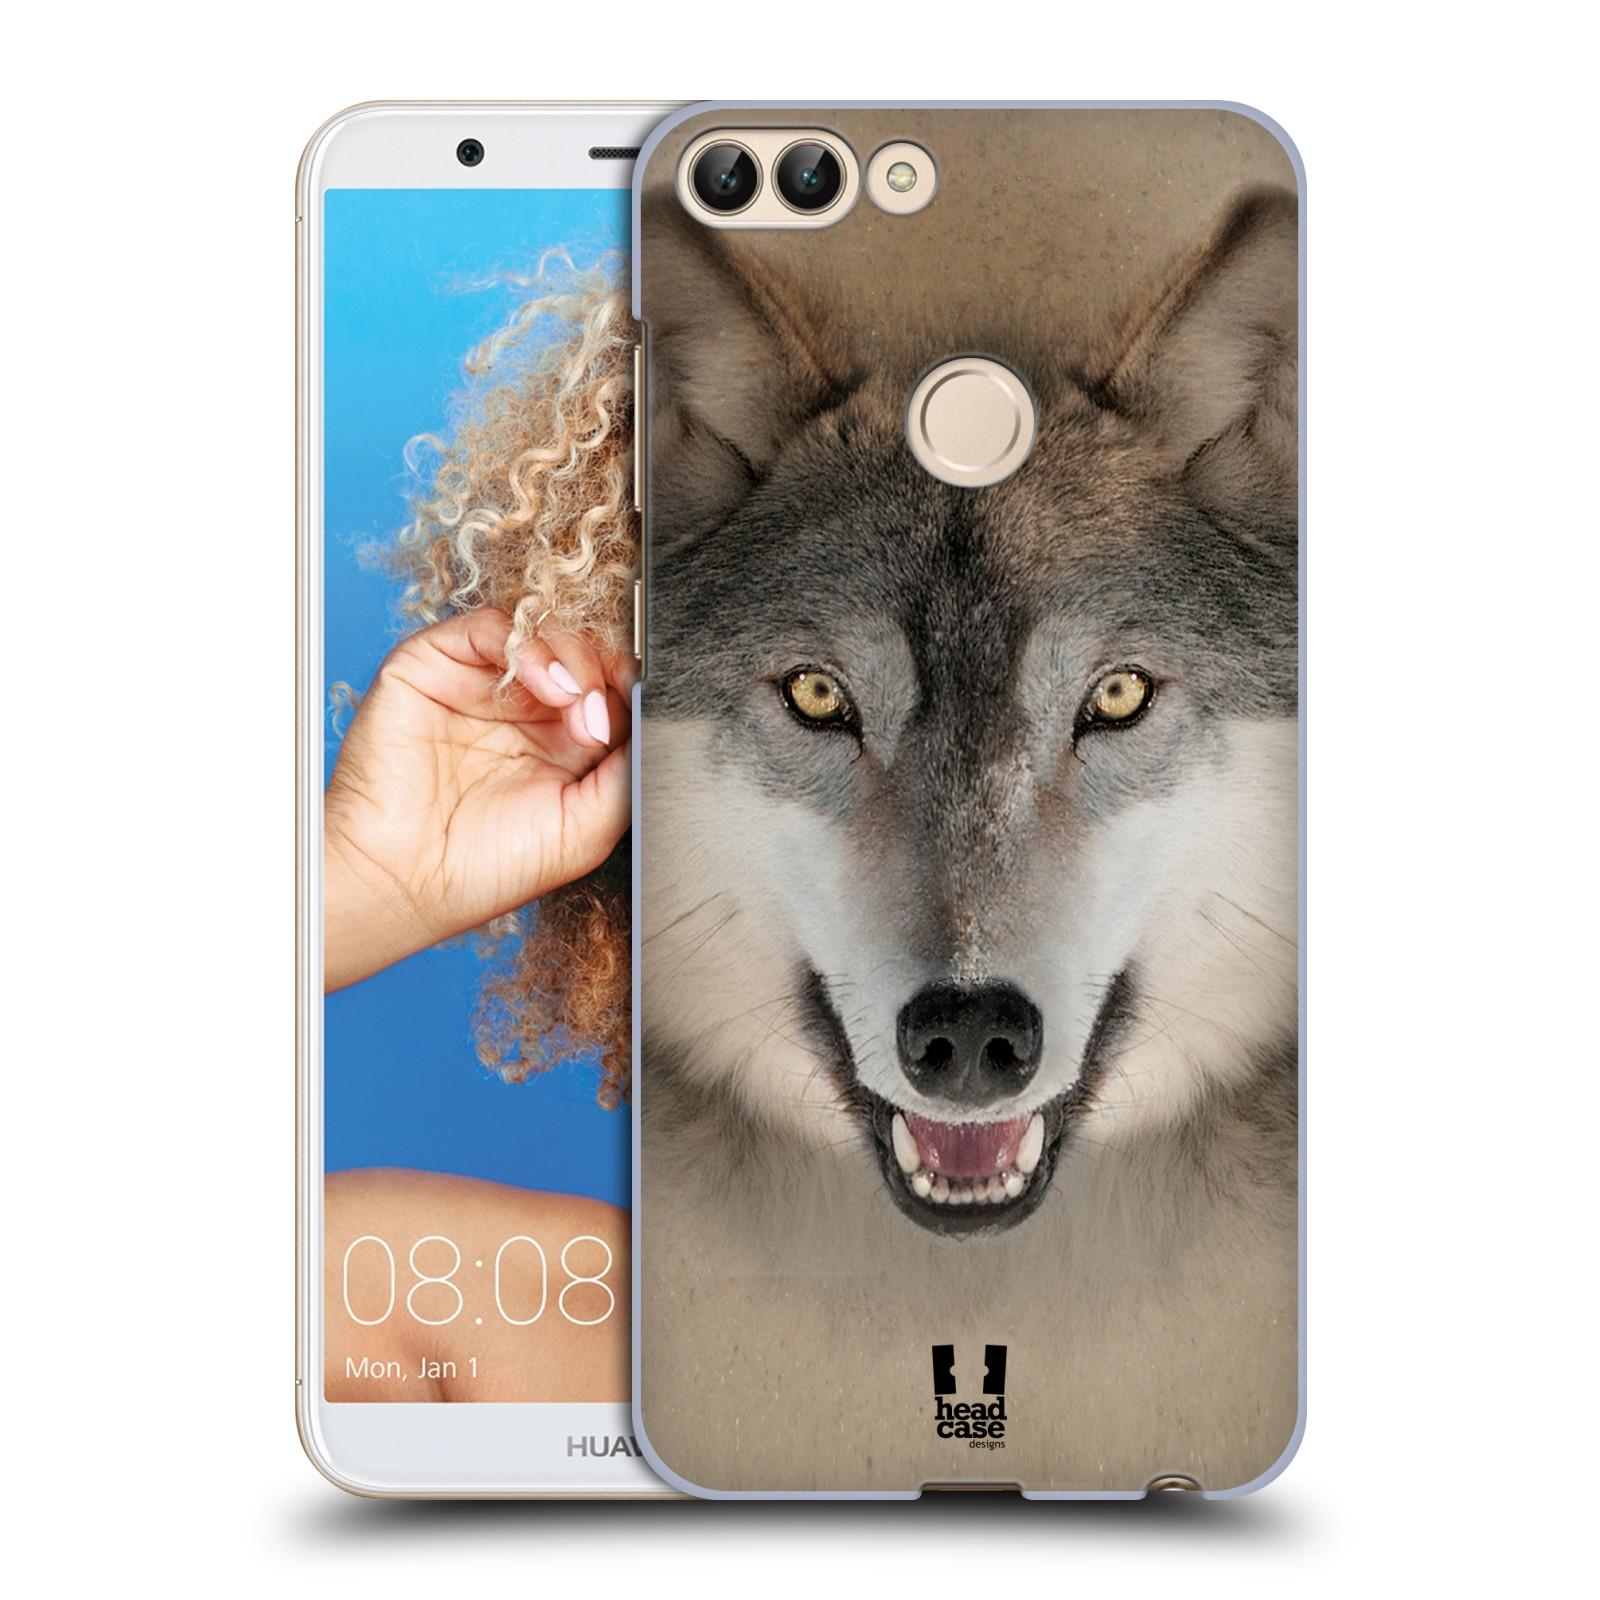 HEAD CASE plastový obal na mobil Huawei P Smart vzor Zvířecí tváře 2 vlk šedý